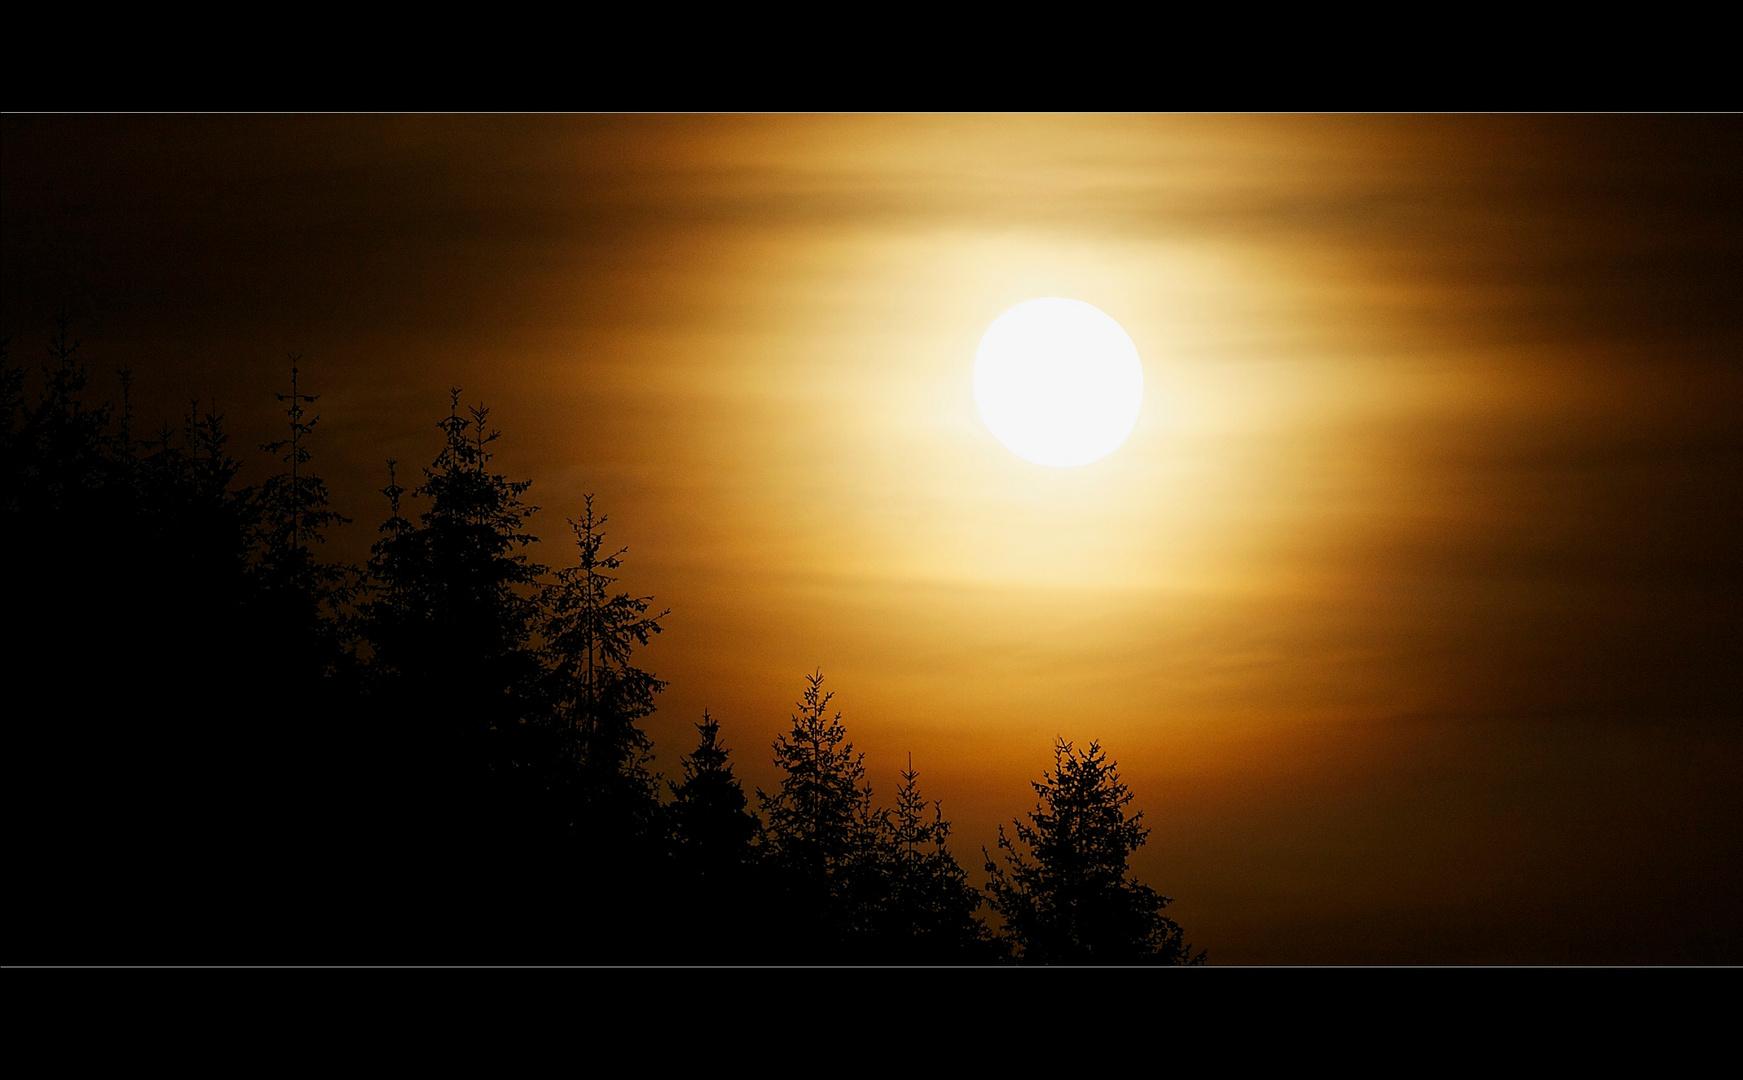 Über den Wäldern zieht der Mond auf ...